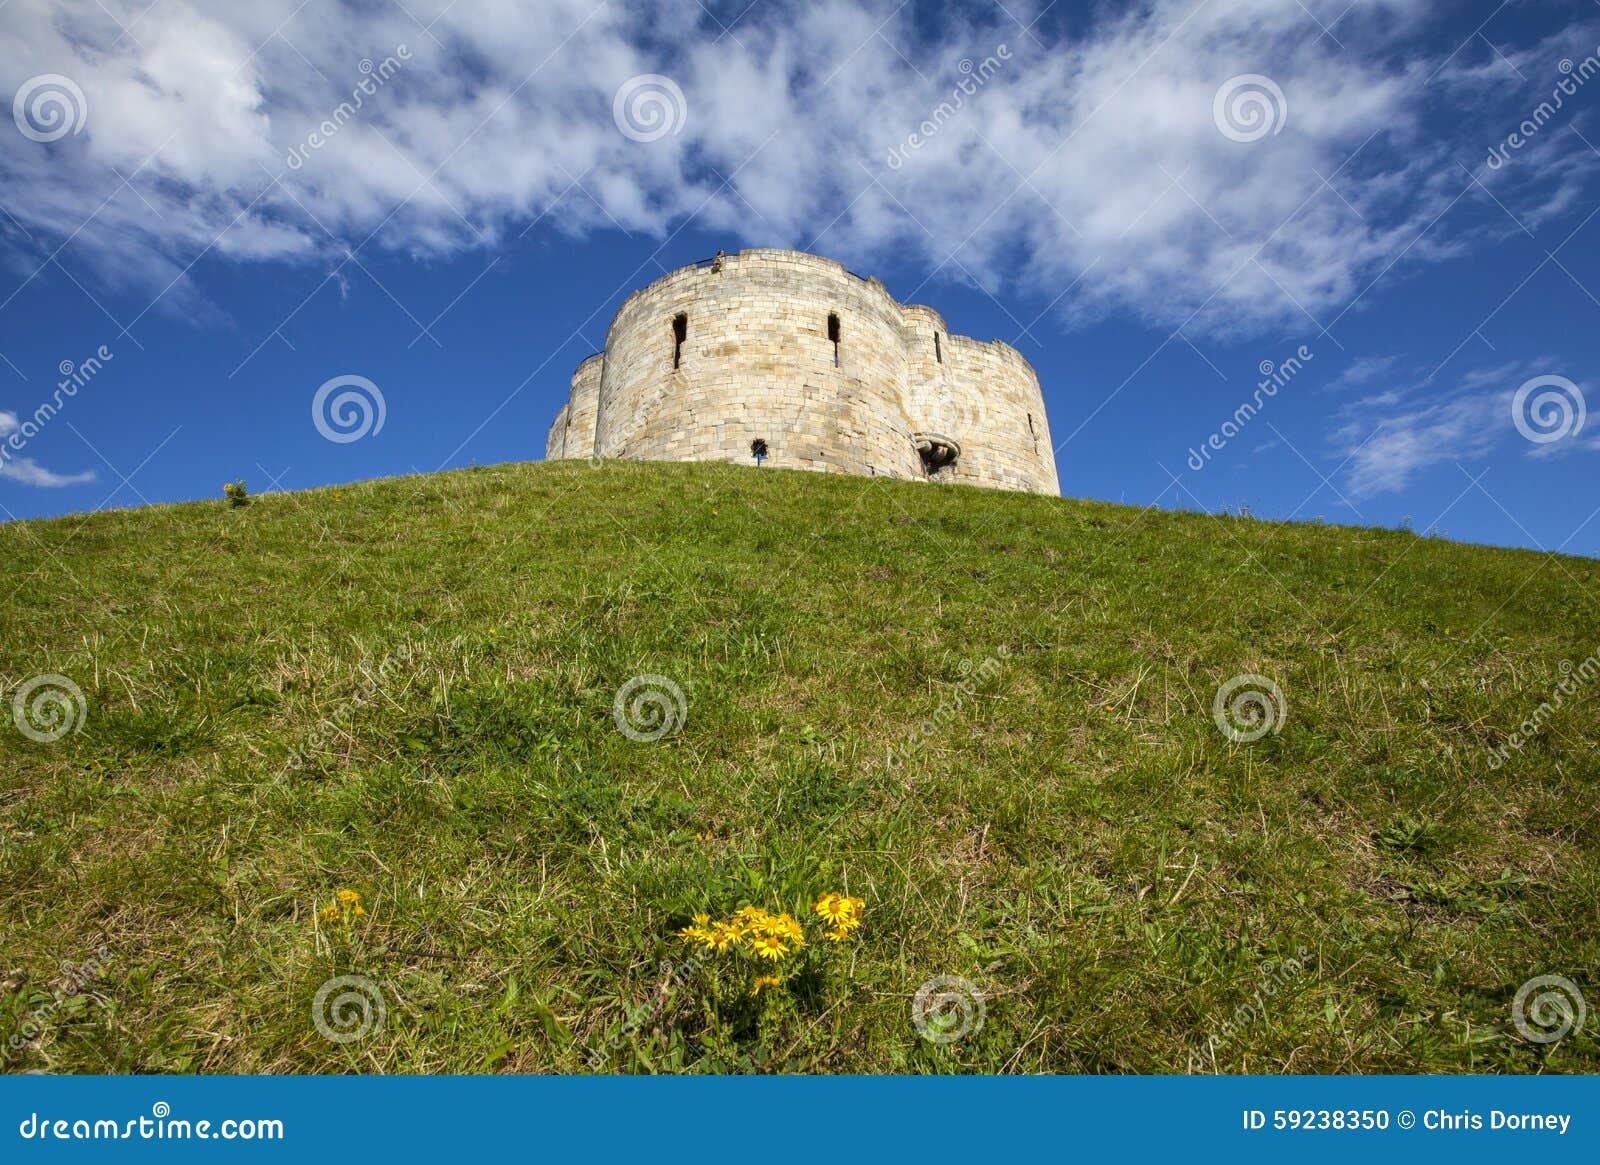 Download La Torre De Clifford En York Foto de archivo - Imagen de historia, inglés: 59238350